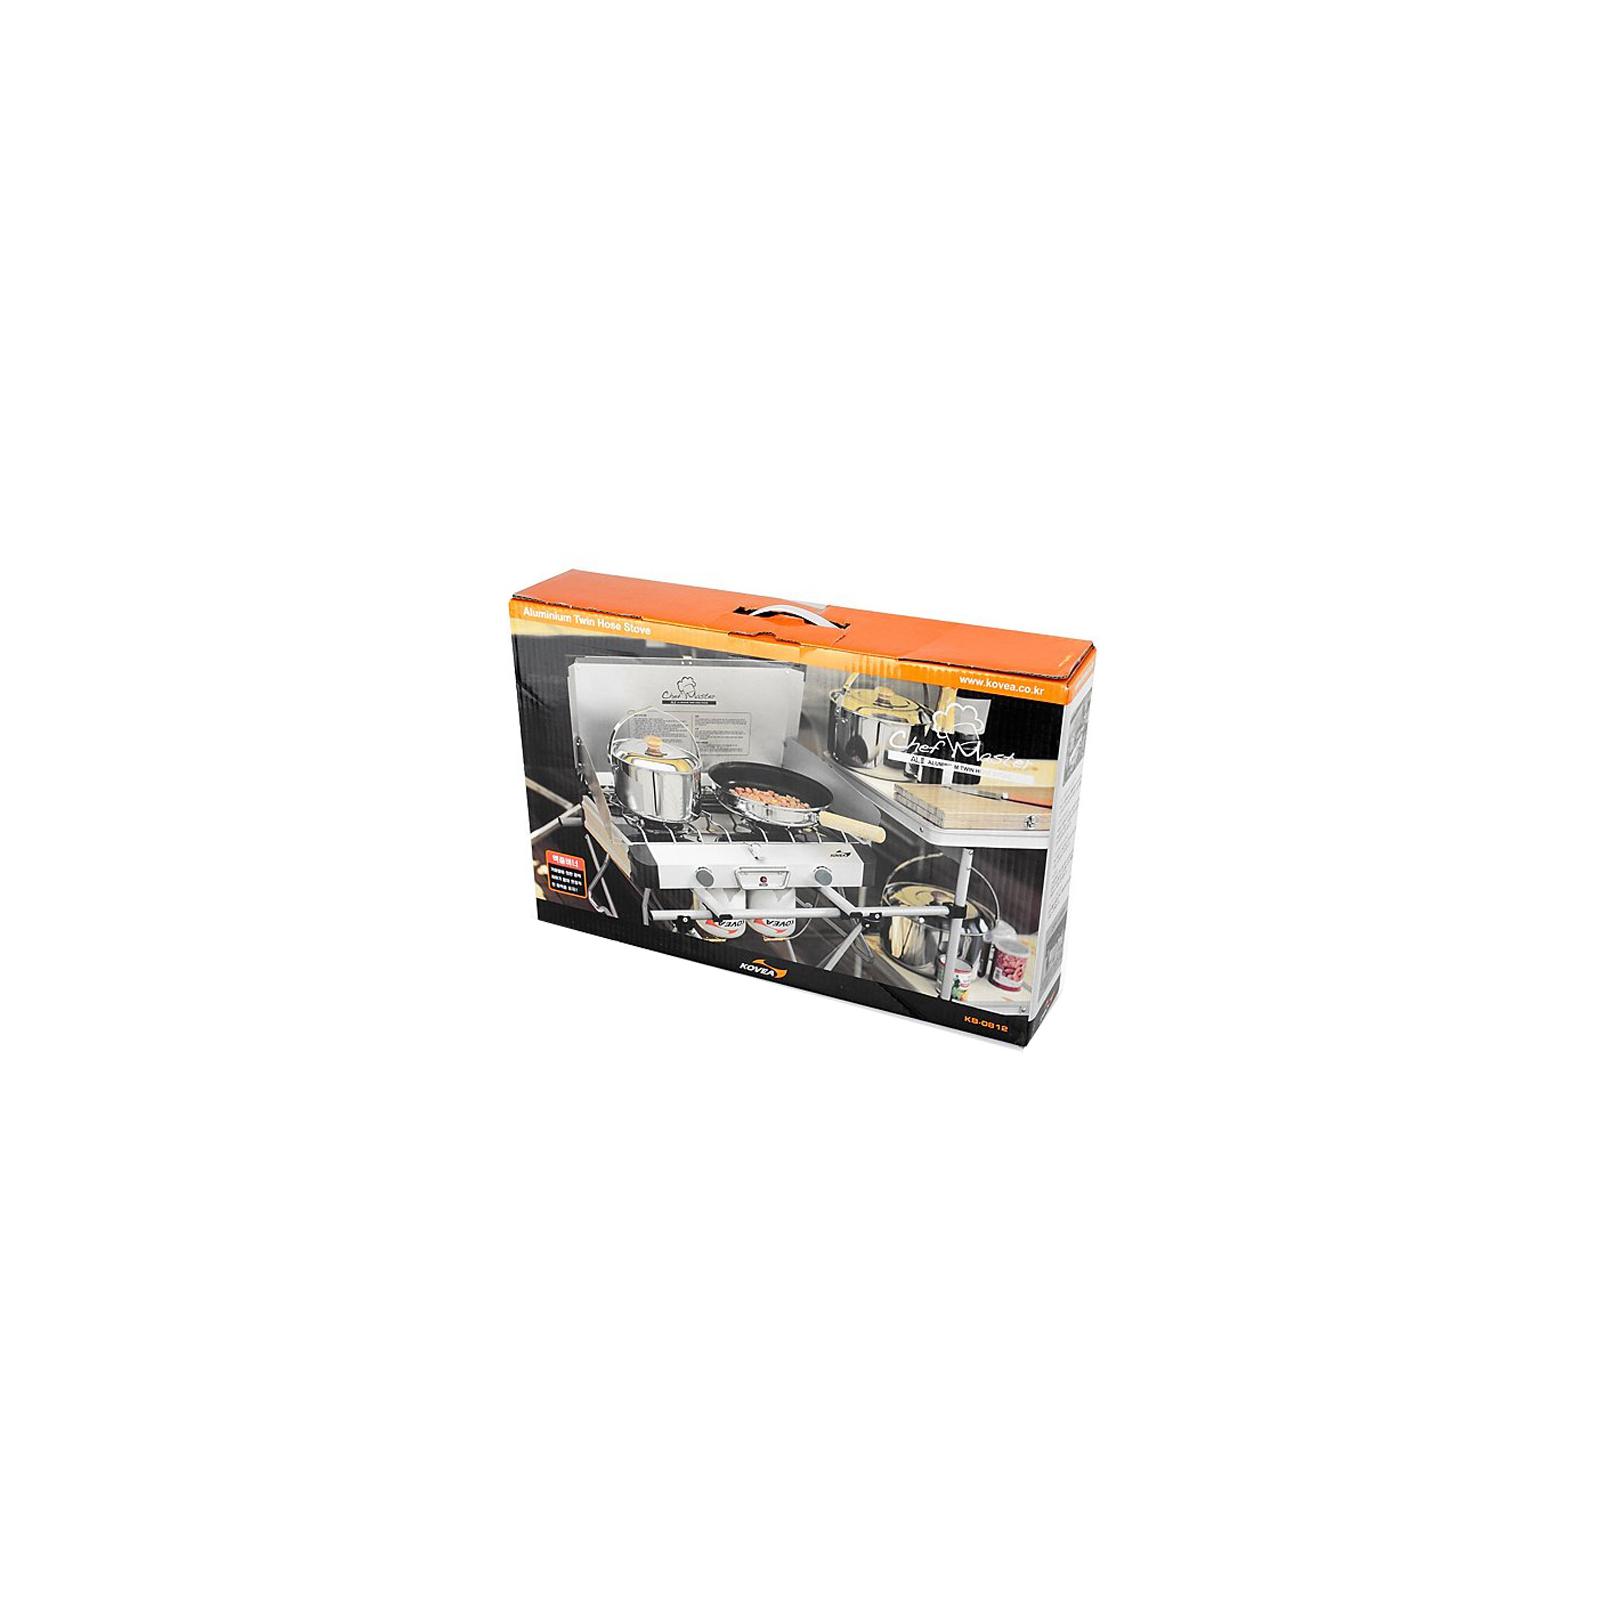 Газовая плитка Kovea Grace Twin Stove (AL II Chef Master) KB-0812 (8806372095437) изображение 7